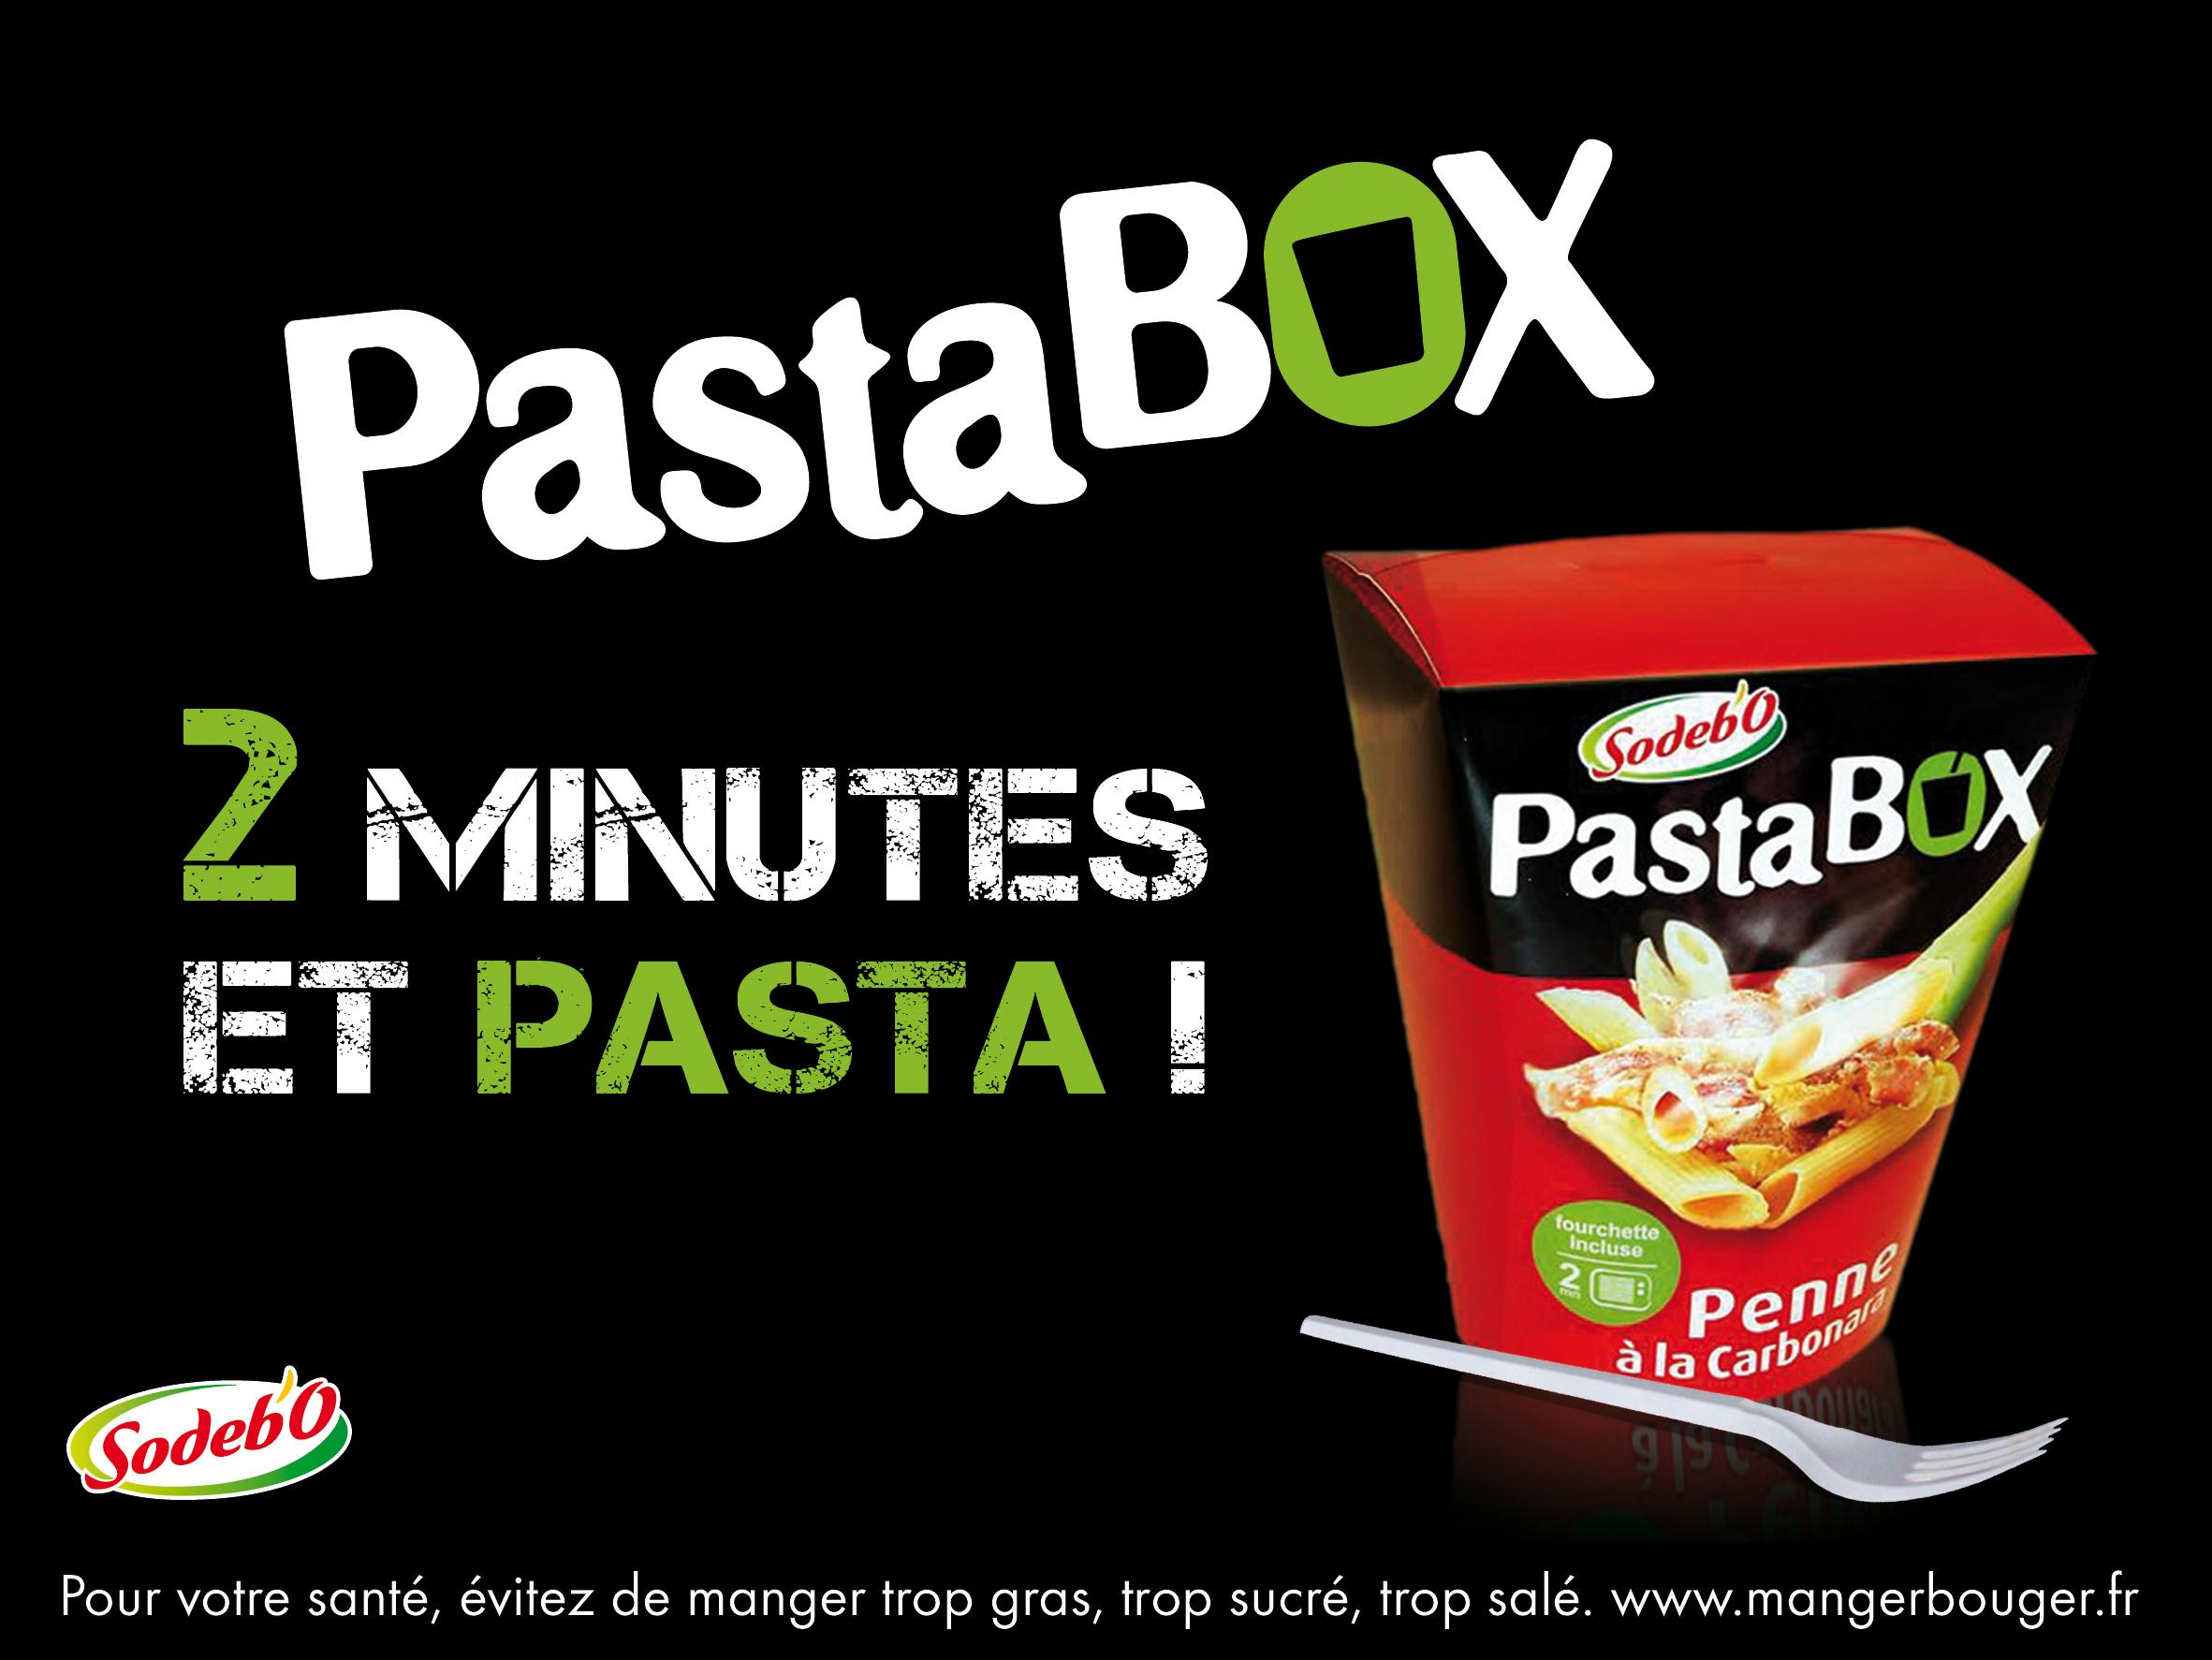 Sodebo. Pasta Box.